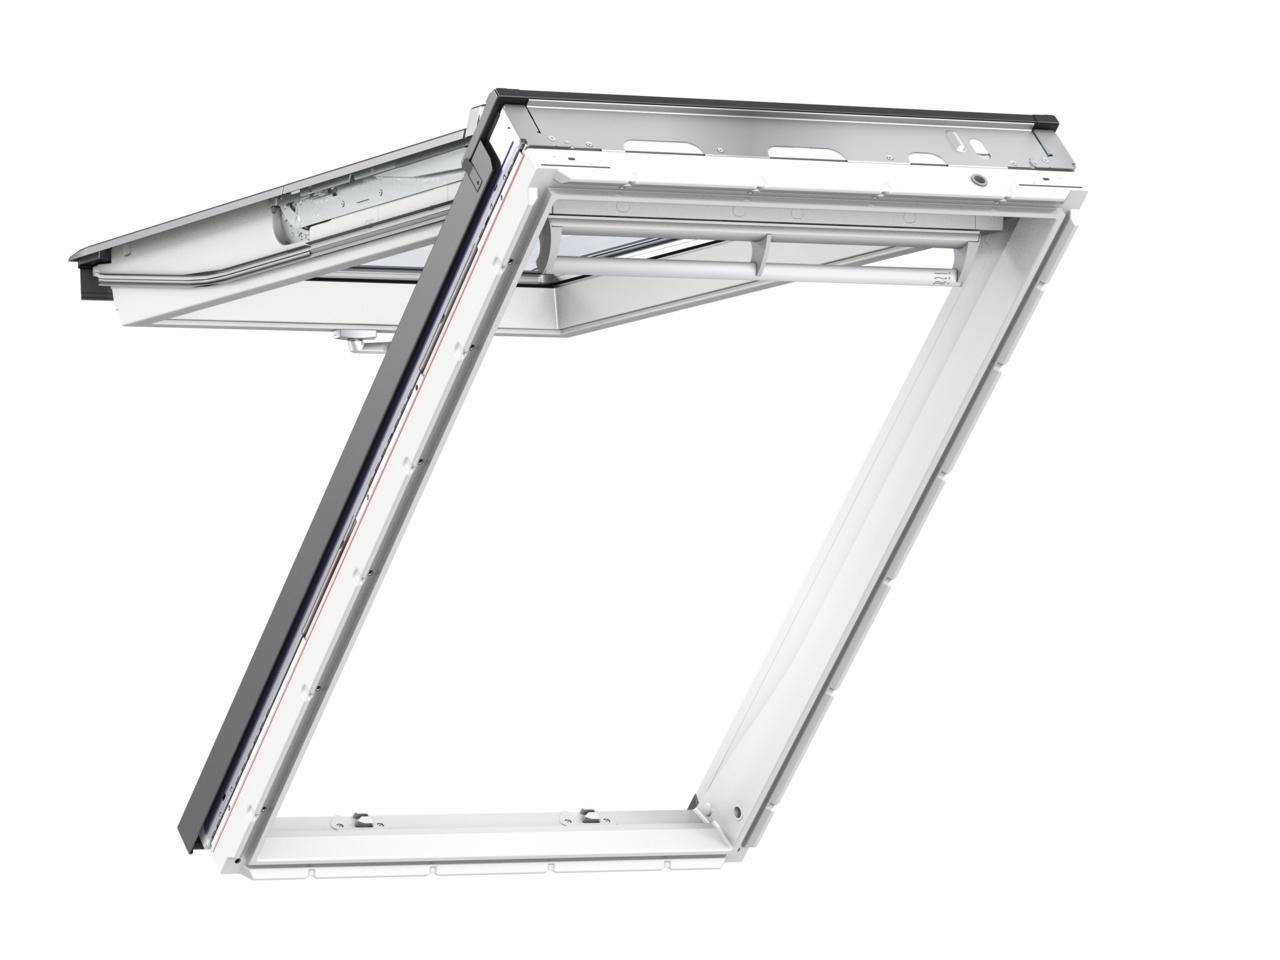 Výklopně-kyvné okno VELUX GPU 0062 rozměr: CK04 55x98 cm